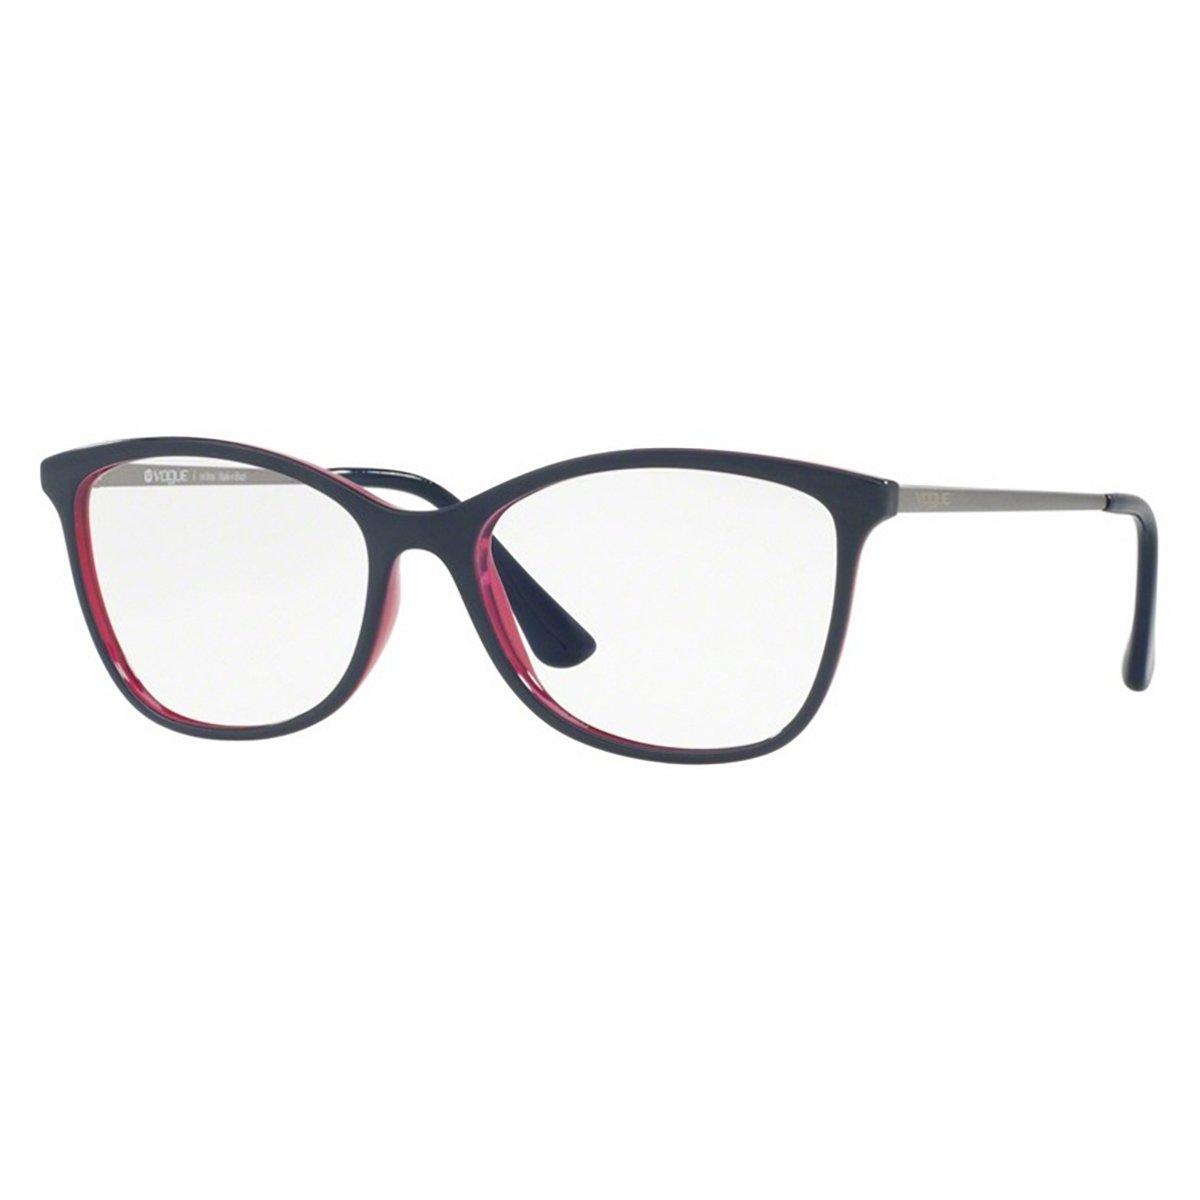 1efb25539f404 Compre Óculos de Grau Vogue em 10X